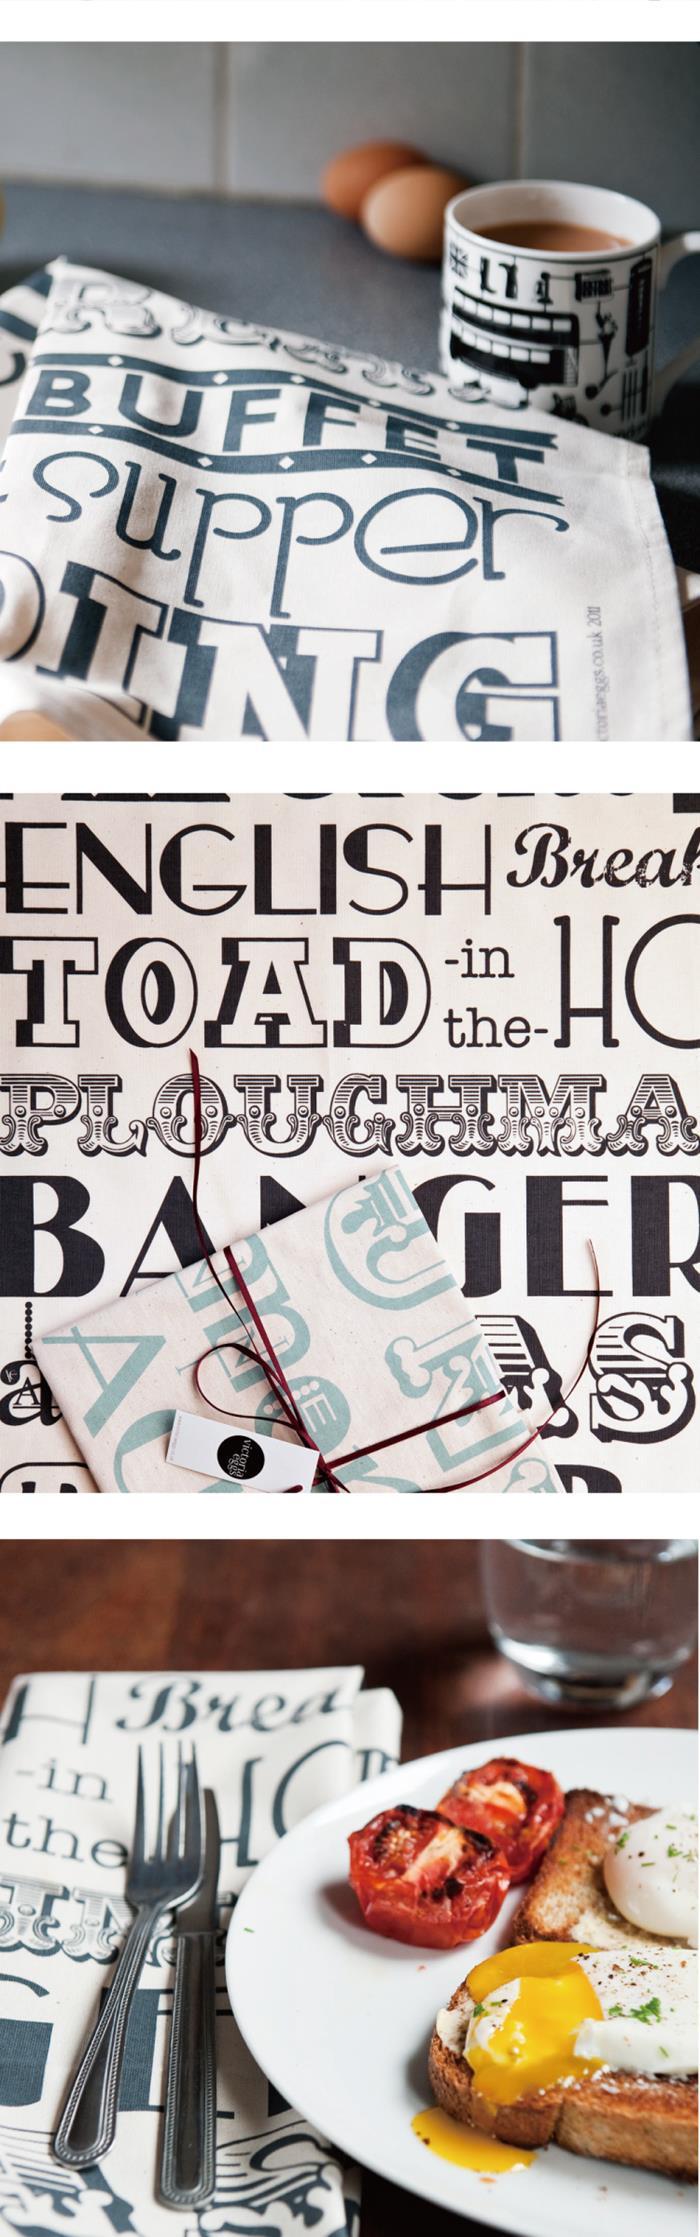 英國蛋 | 純棉碗盤擦布 英格蘭晚餐